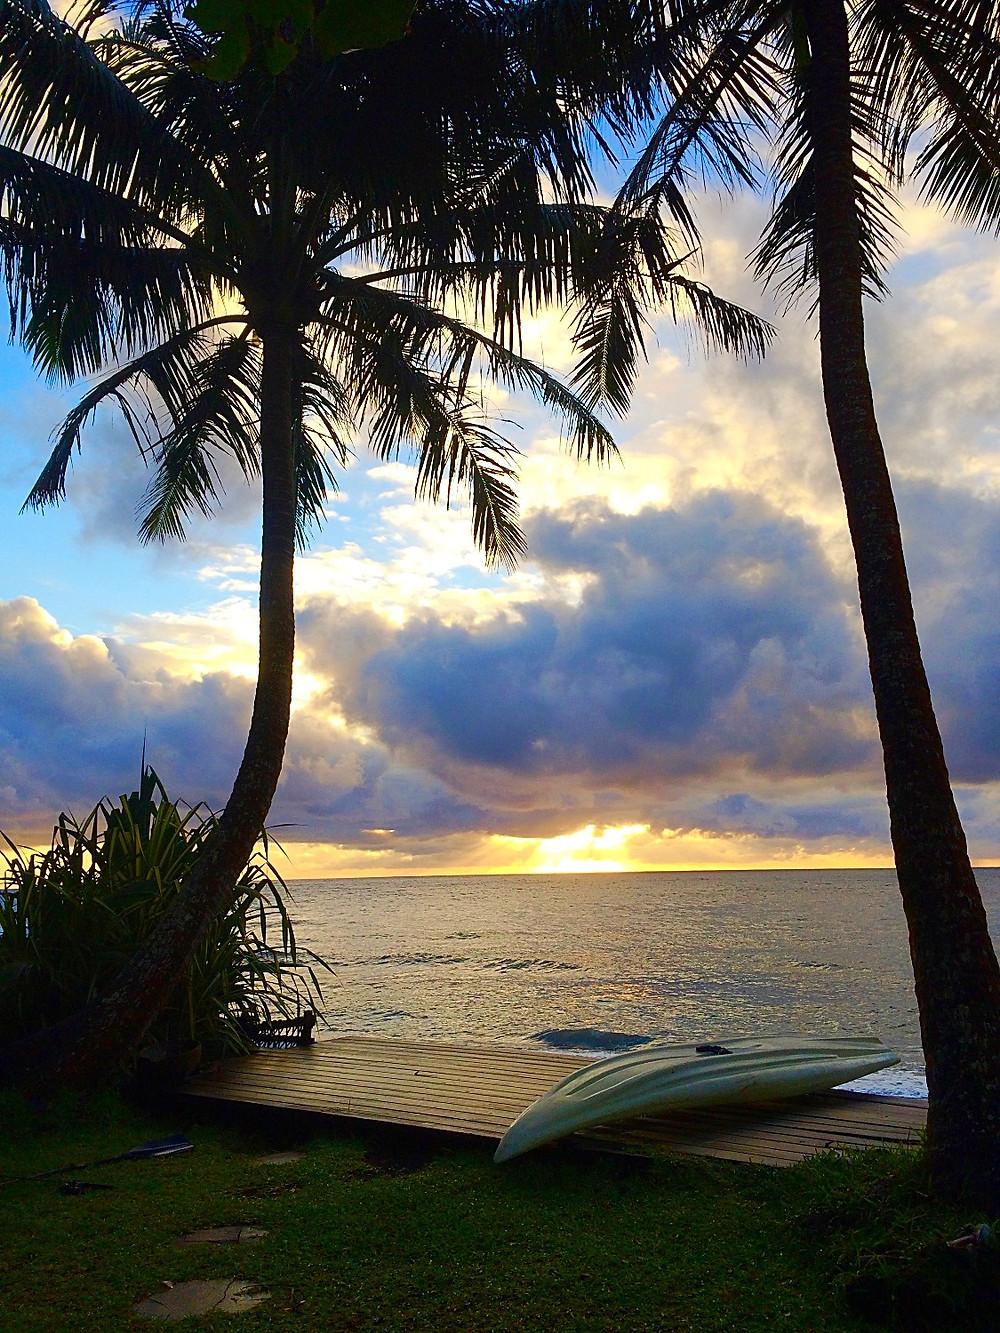 Aube sur Arahoho, Tahiti, my homeland.